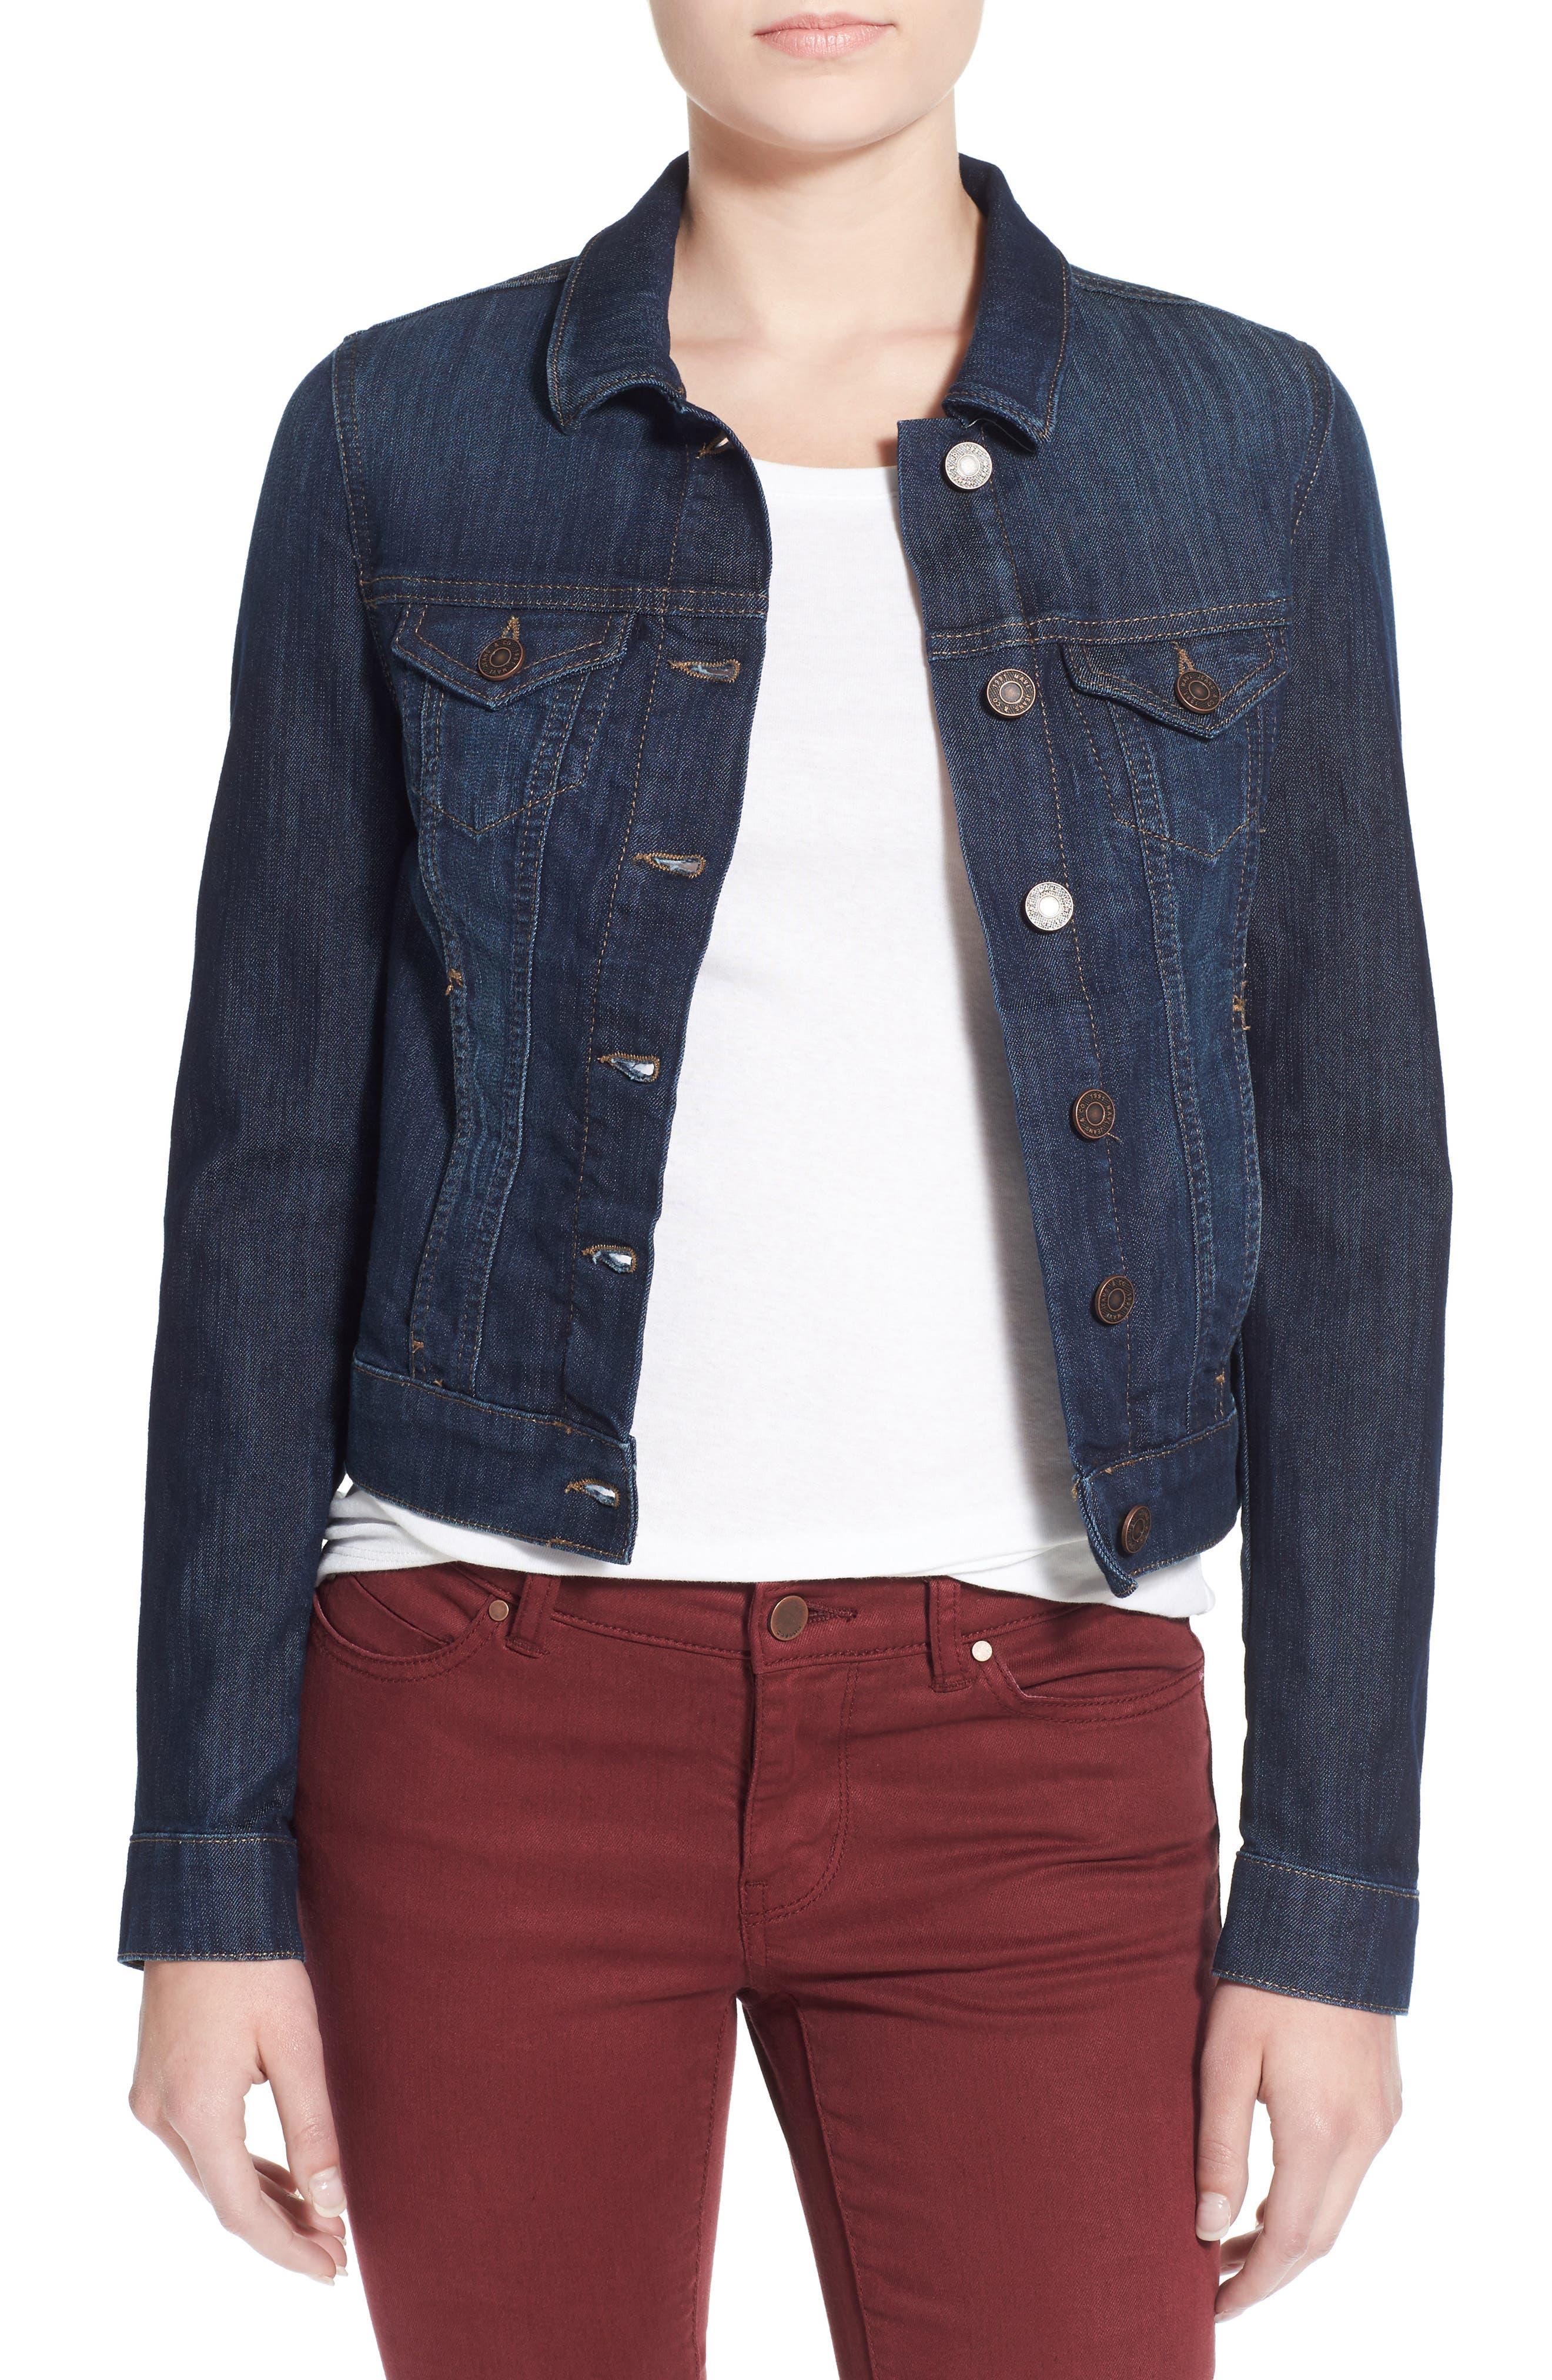 MAVI JEANS, 'Samantha' Denim Jacket, Main thumbnail 1, color, DARK NOLITA